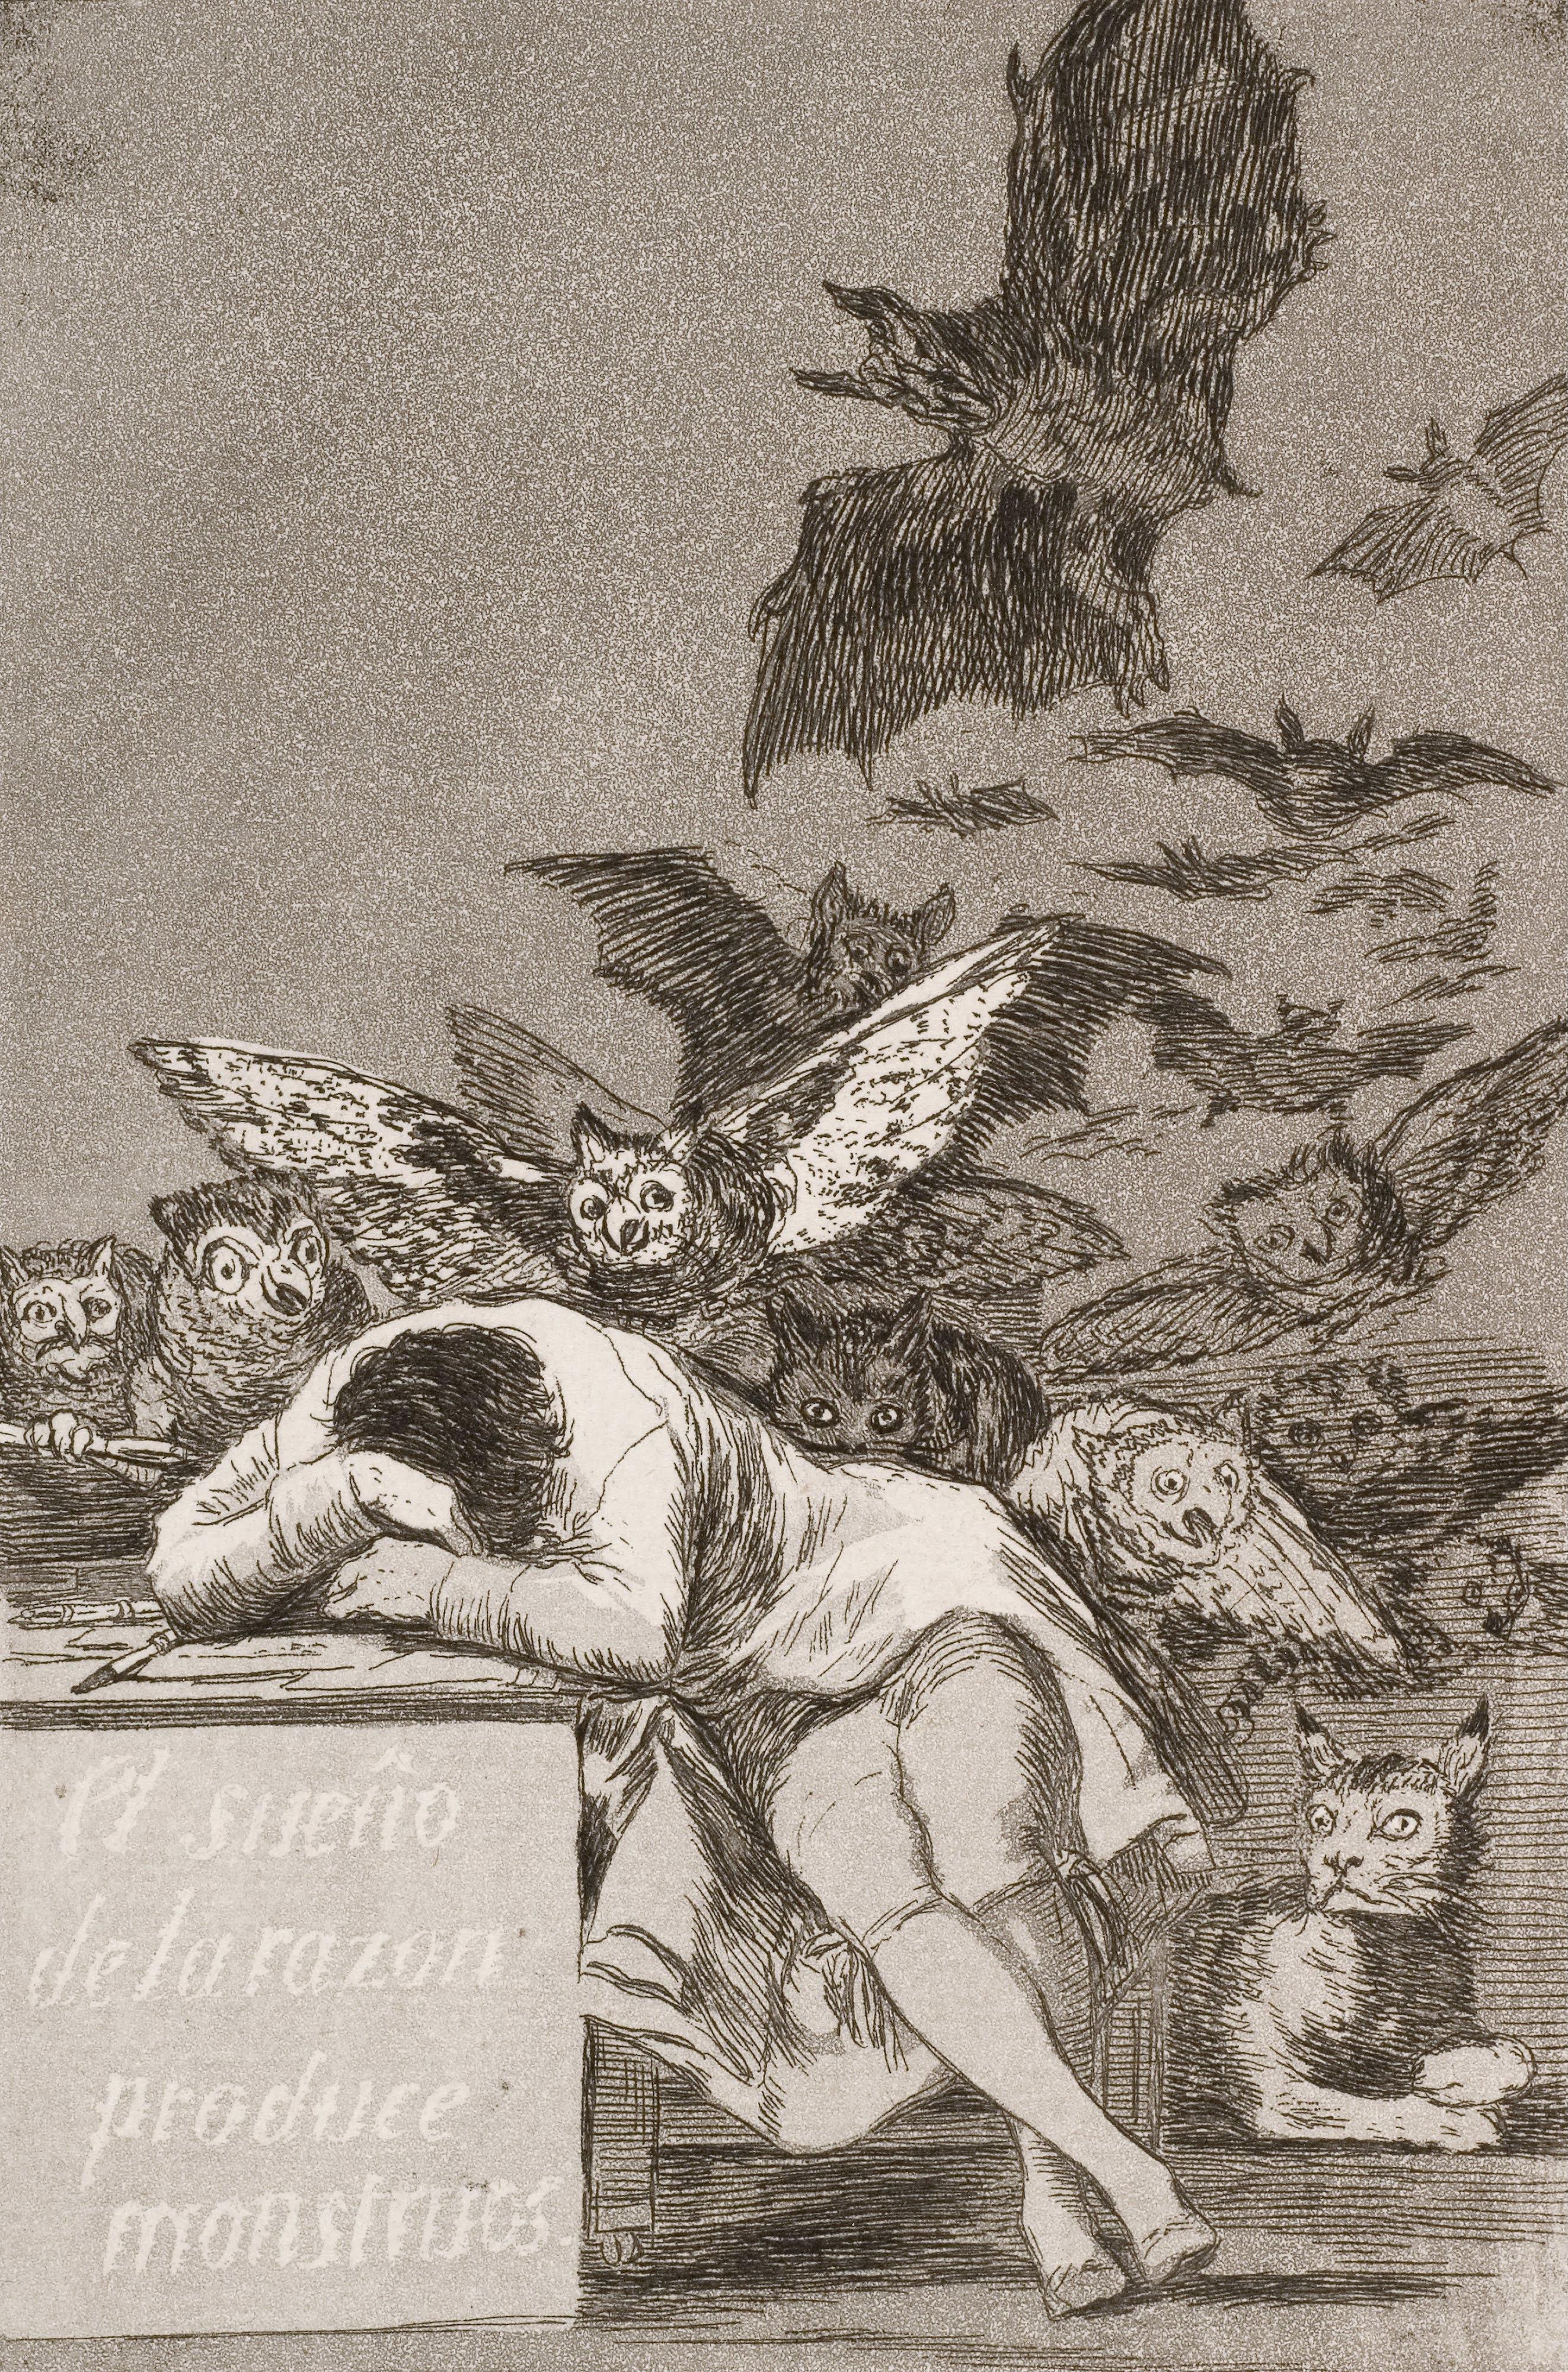 El sueño de la razón produce monstruos - Wikipedia, la ...